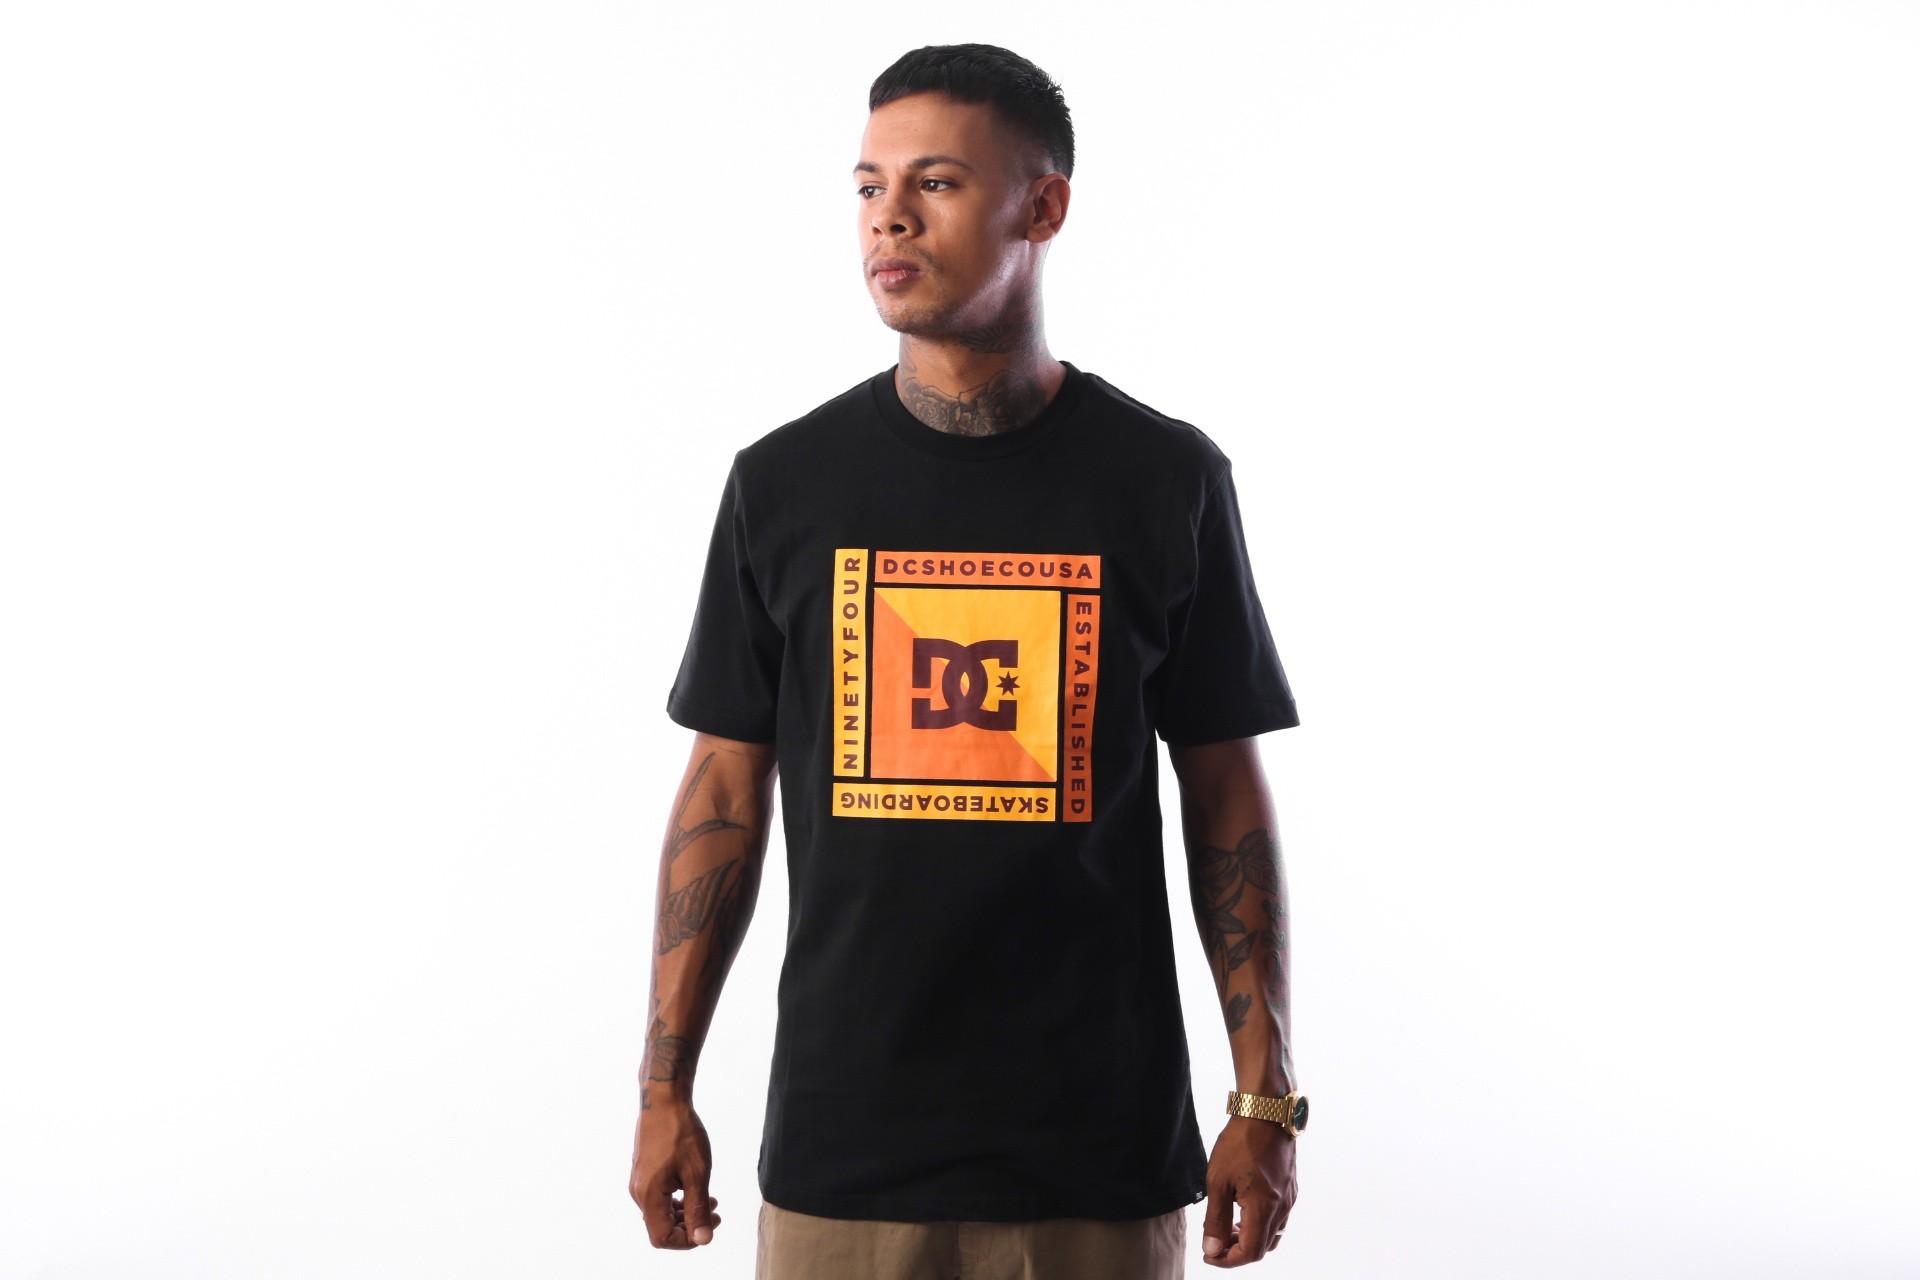 Afbeelding van DC ARKANA SS M TEES KVJ0 EDYZT03751 t-shirt black